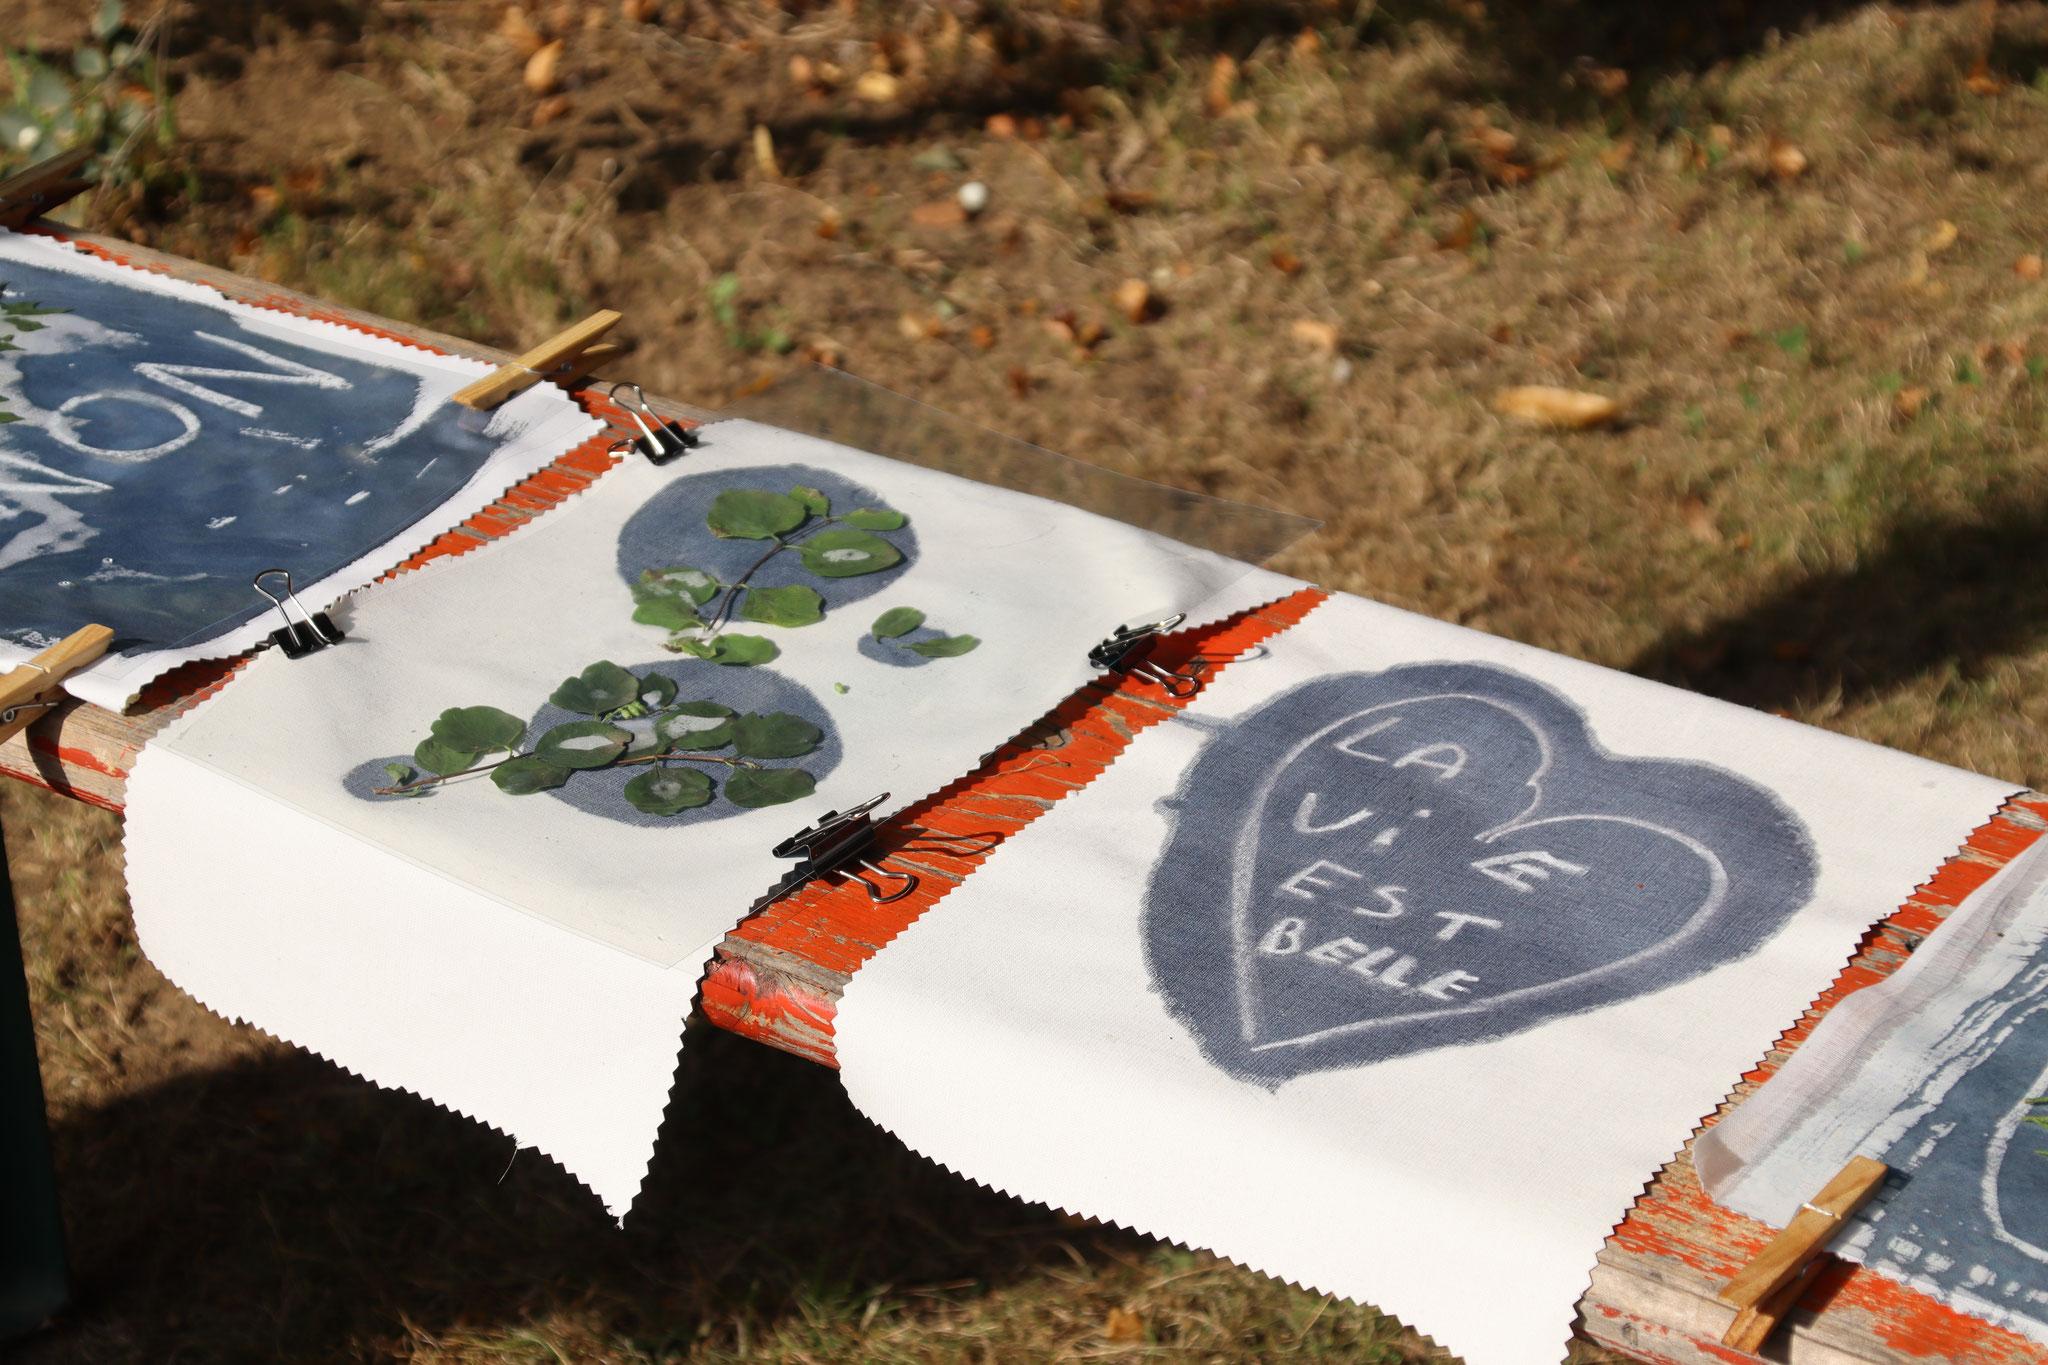 Fanions réalisés au cyanotype lors de Parc en fête avec les Ateliers de l'escargot. ©Vincianne Gouttebarge